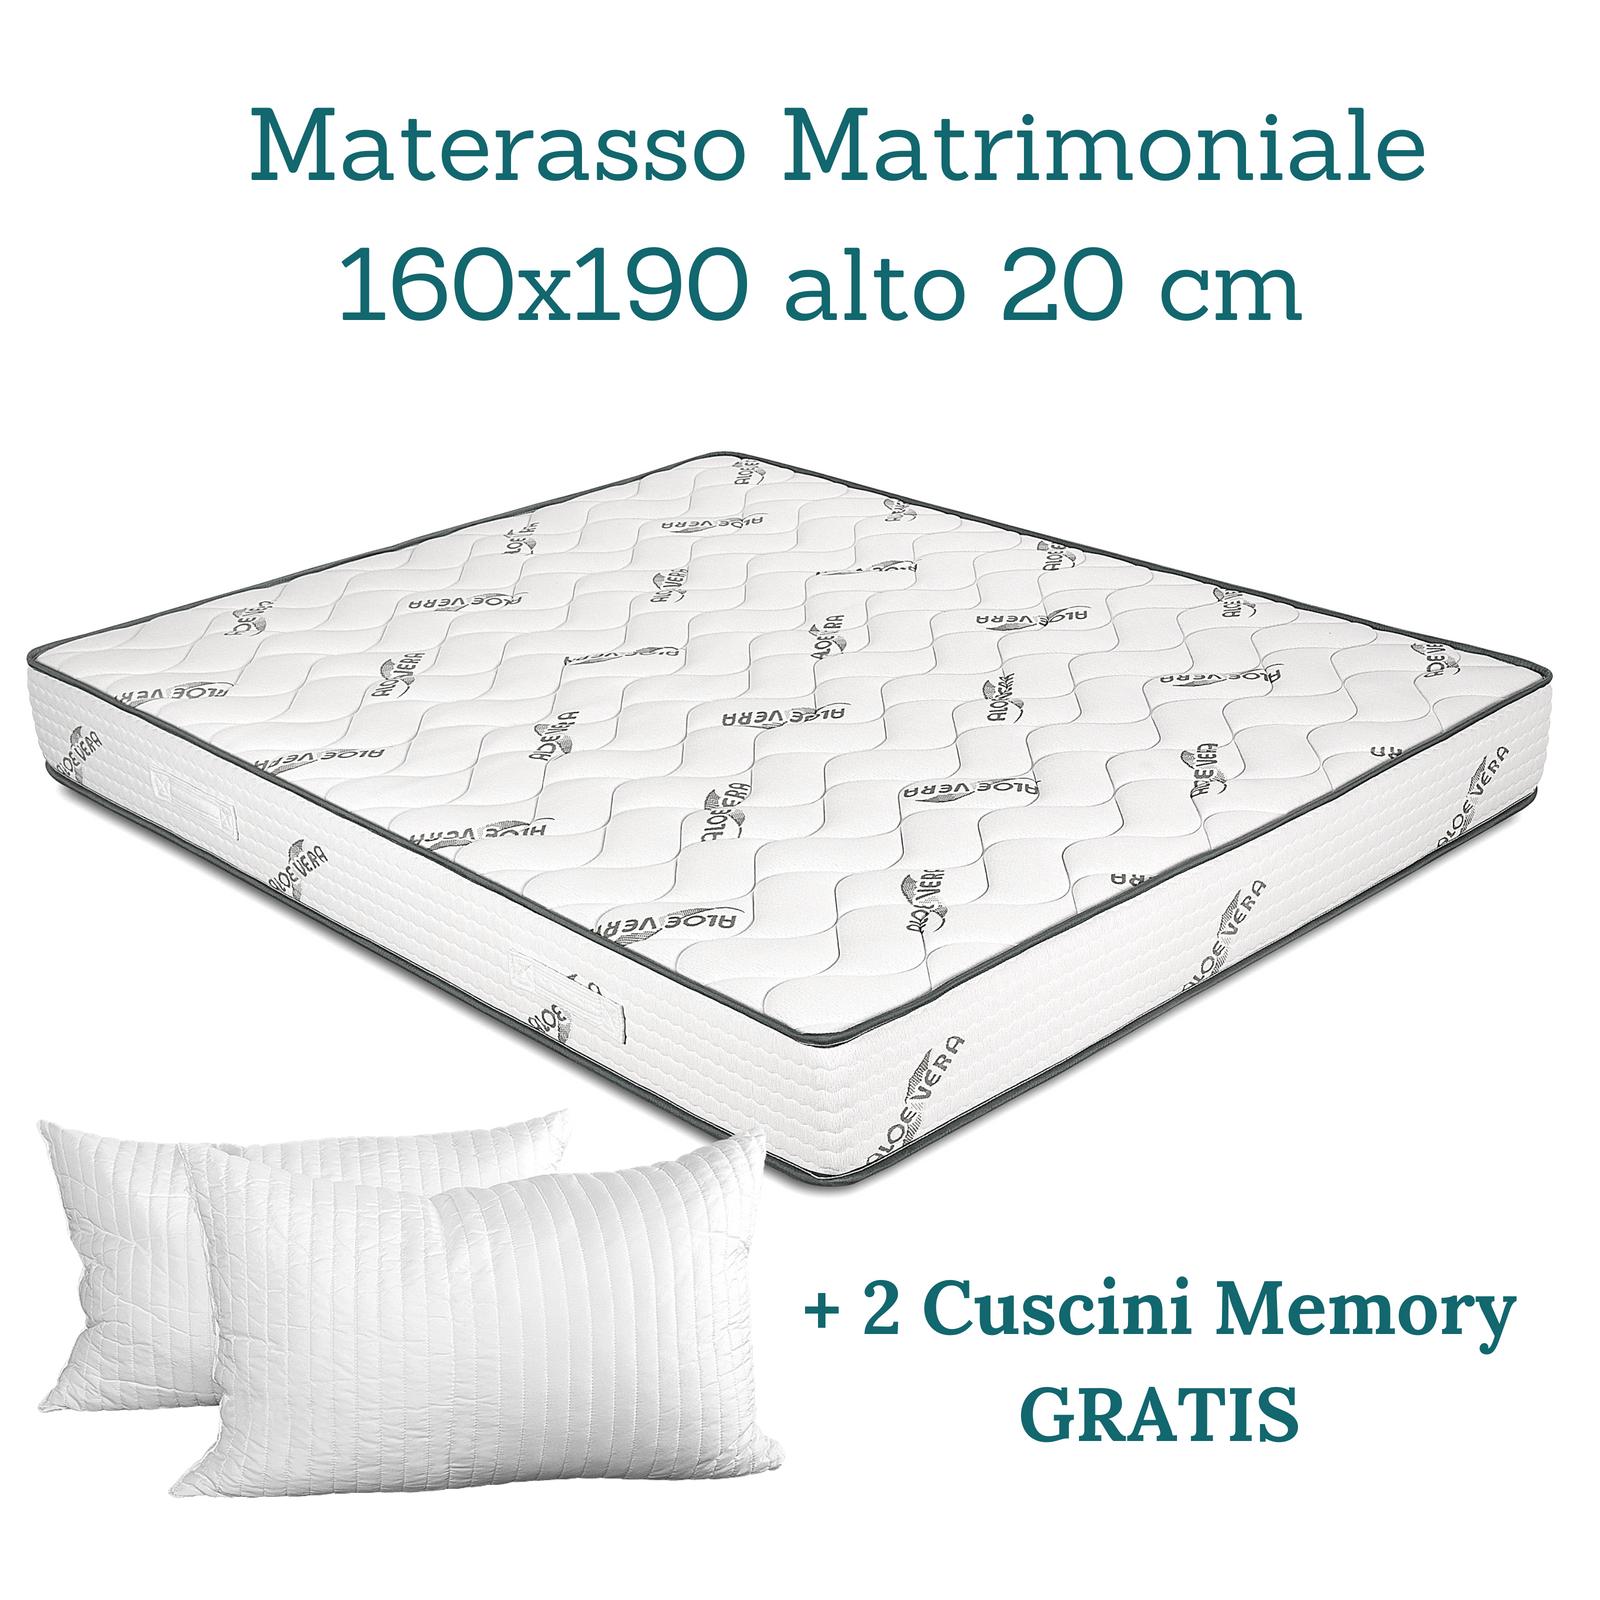 Offerte Materassi In Memory Foam.Materasso Matrimoniale Aloe Antiacaro Rete A Doghe Cuscini Memoryfoam Offerta